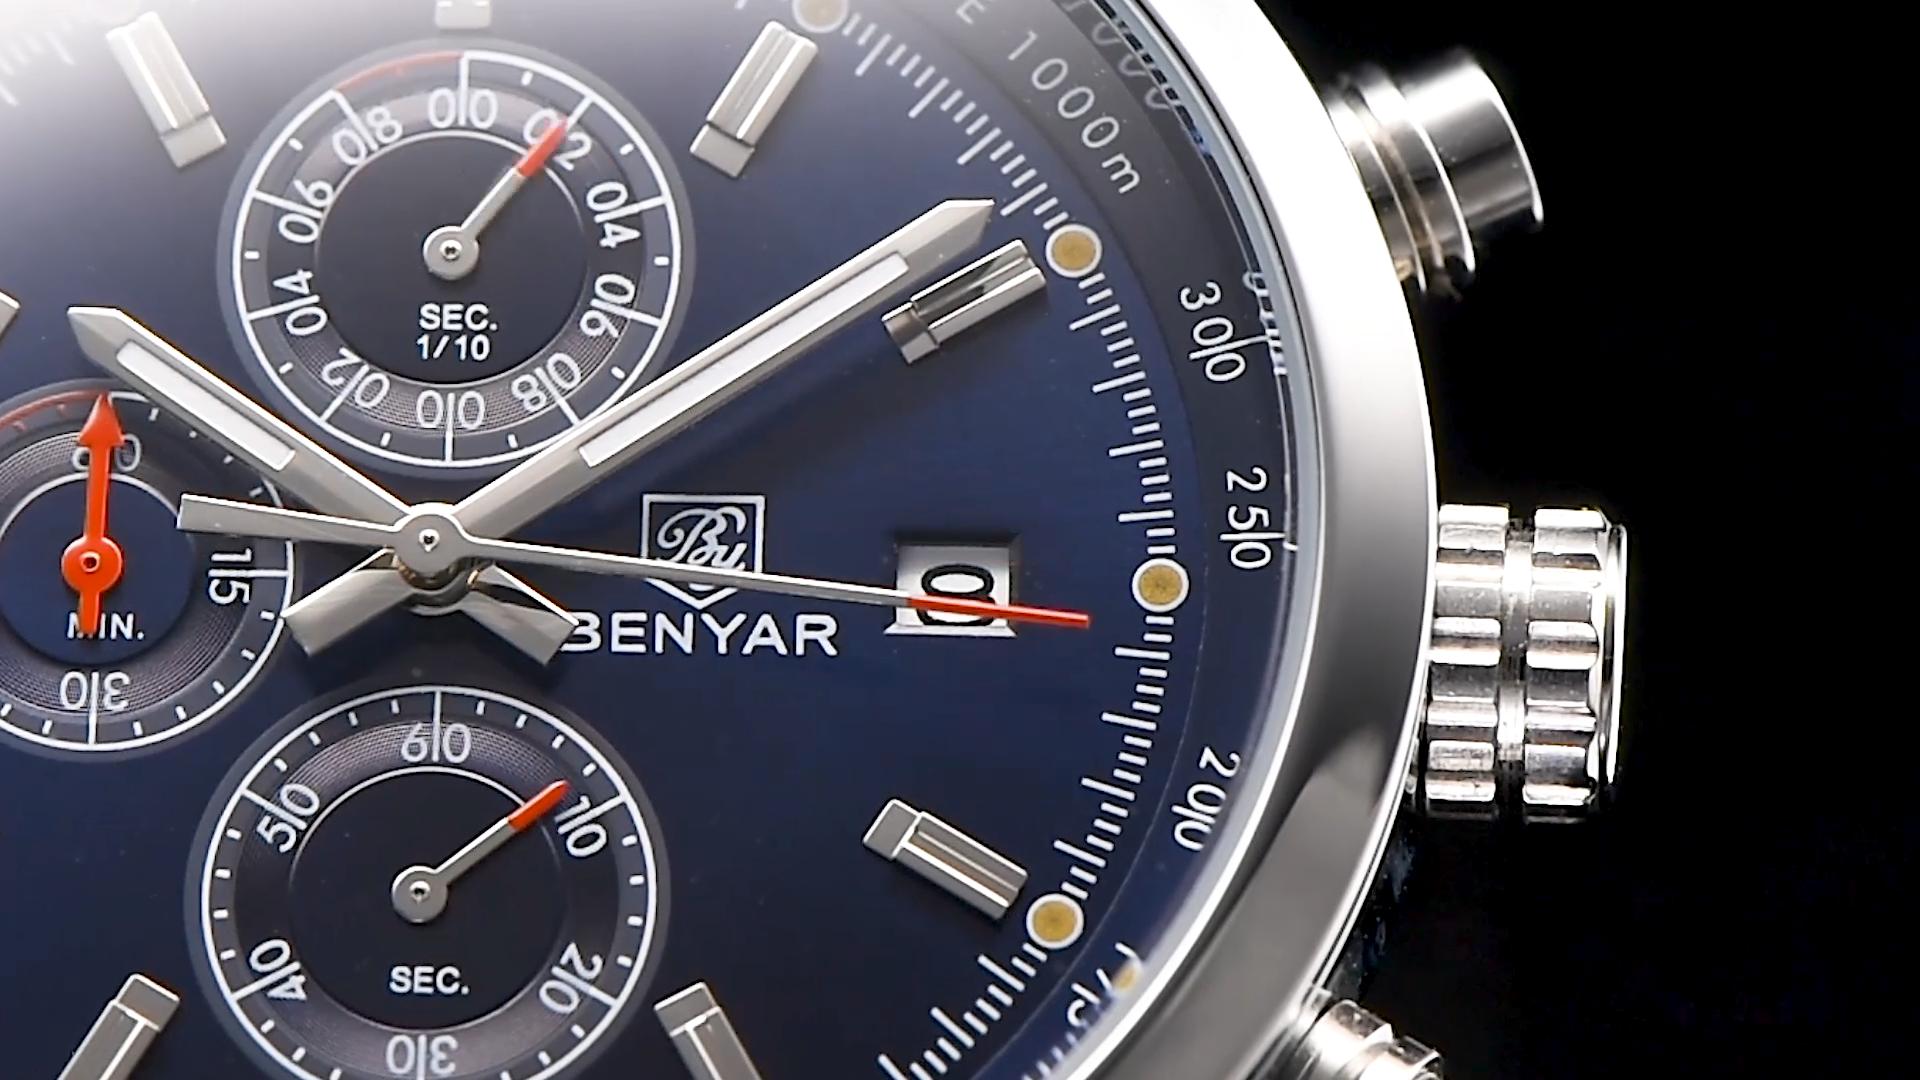 Top Marke BENYAR Herren Uhren 2020 Neue Luxus Quarzuhr Männer Sport Military Armbanduhr Männer Chronograph Relogio Masculino 5102